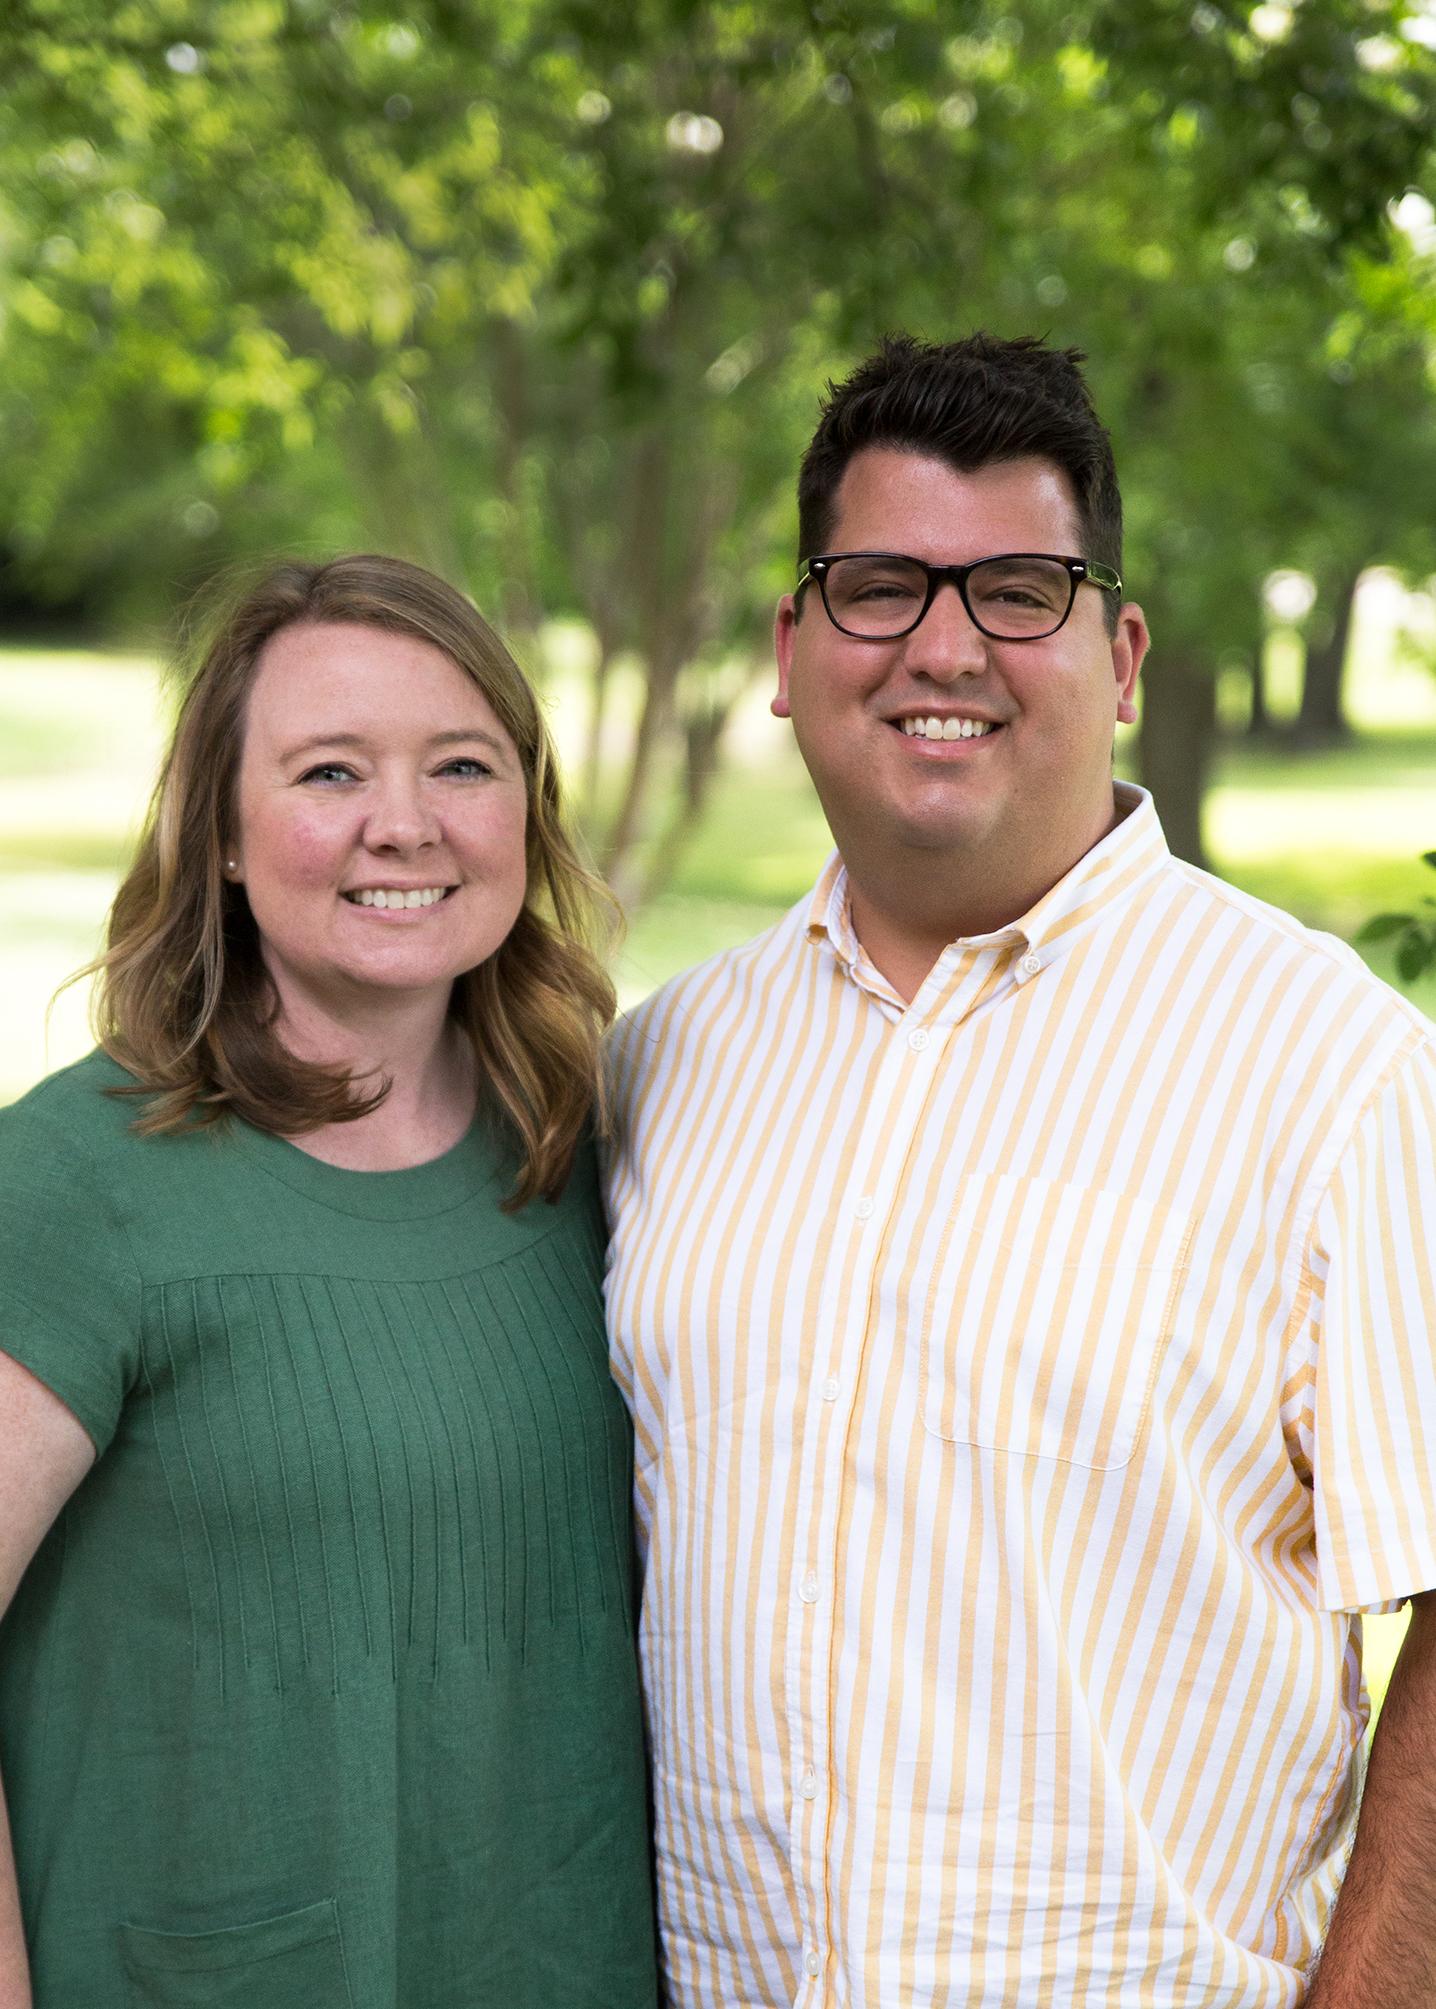 Caleb-and-Julia-2.jpg